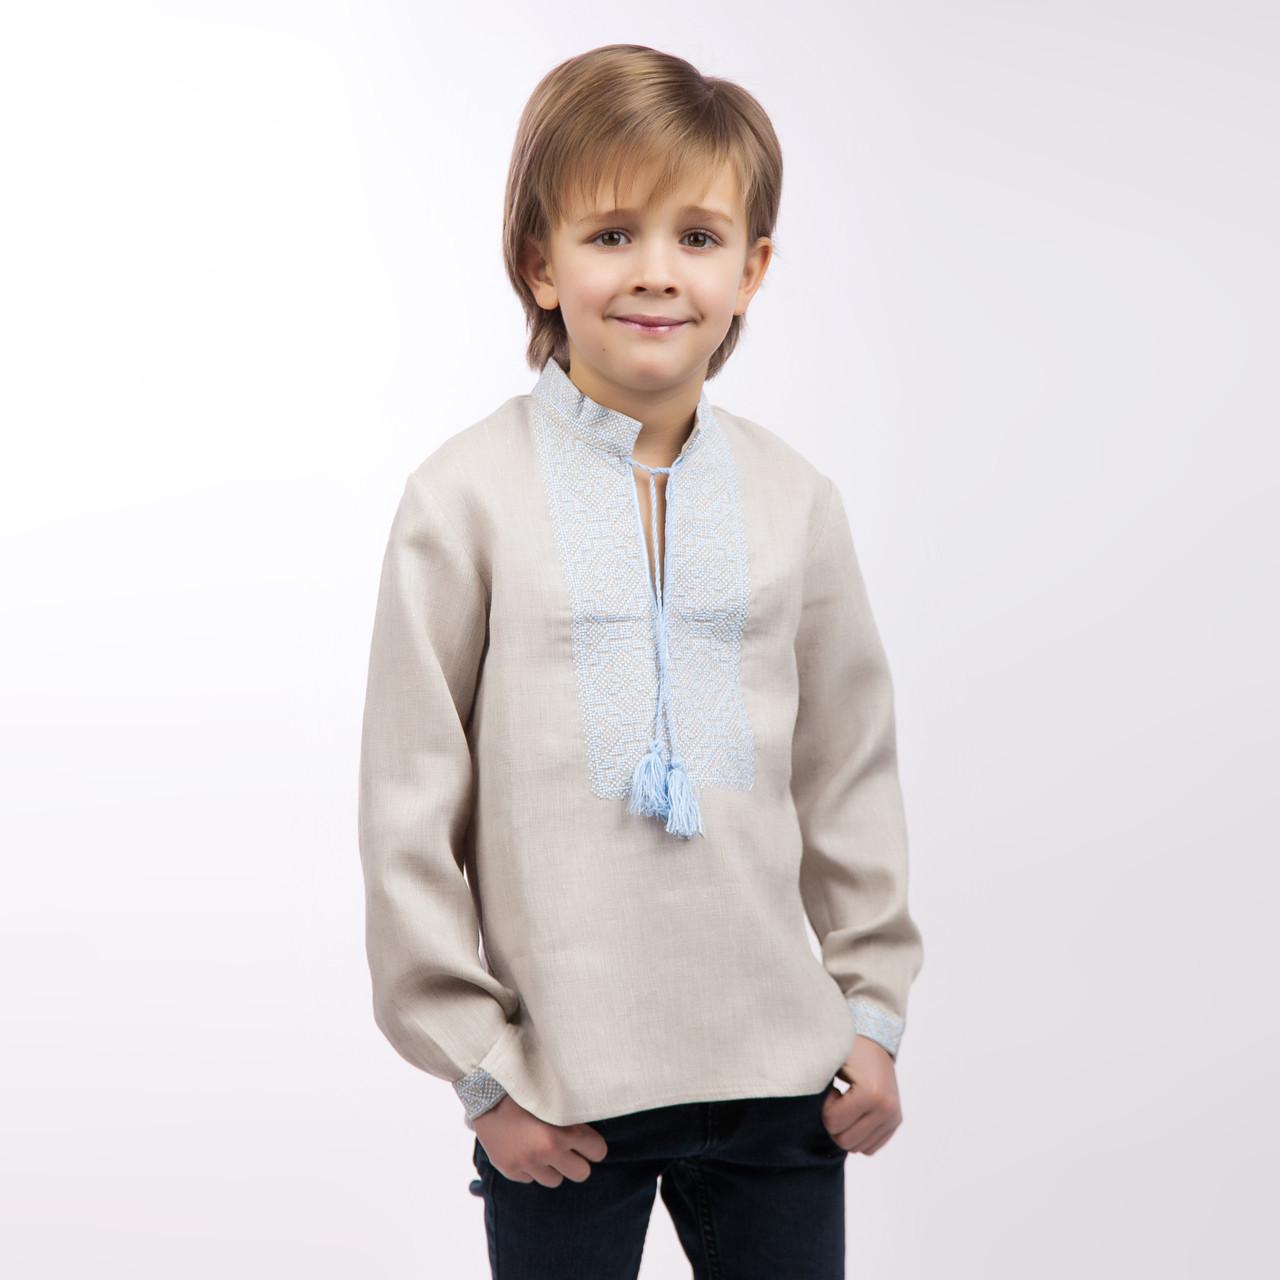 Вышиванка для мальчика, беж лен - фото 3